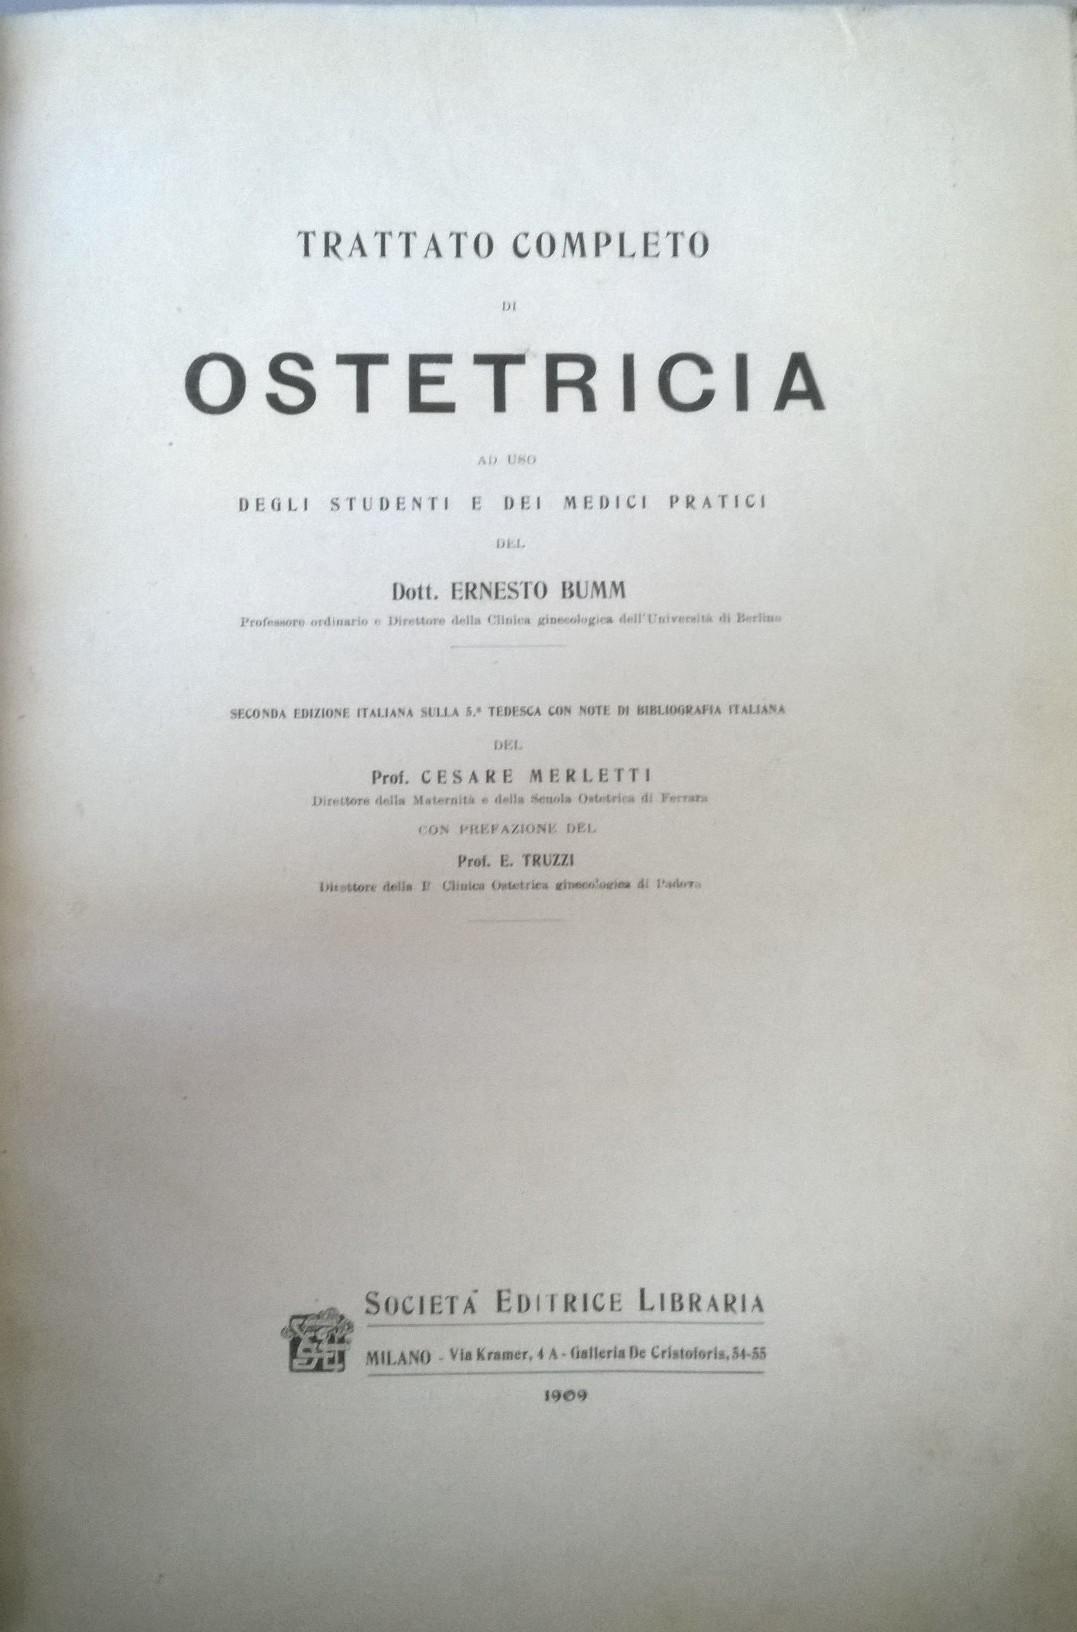 Trattato completo di ostetricia